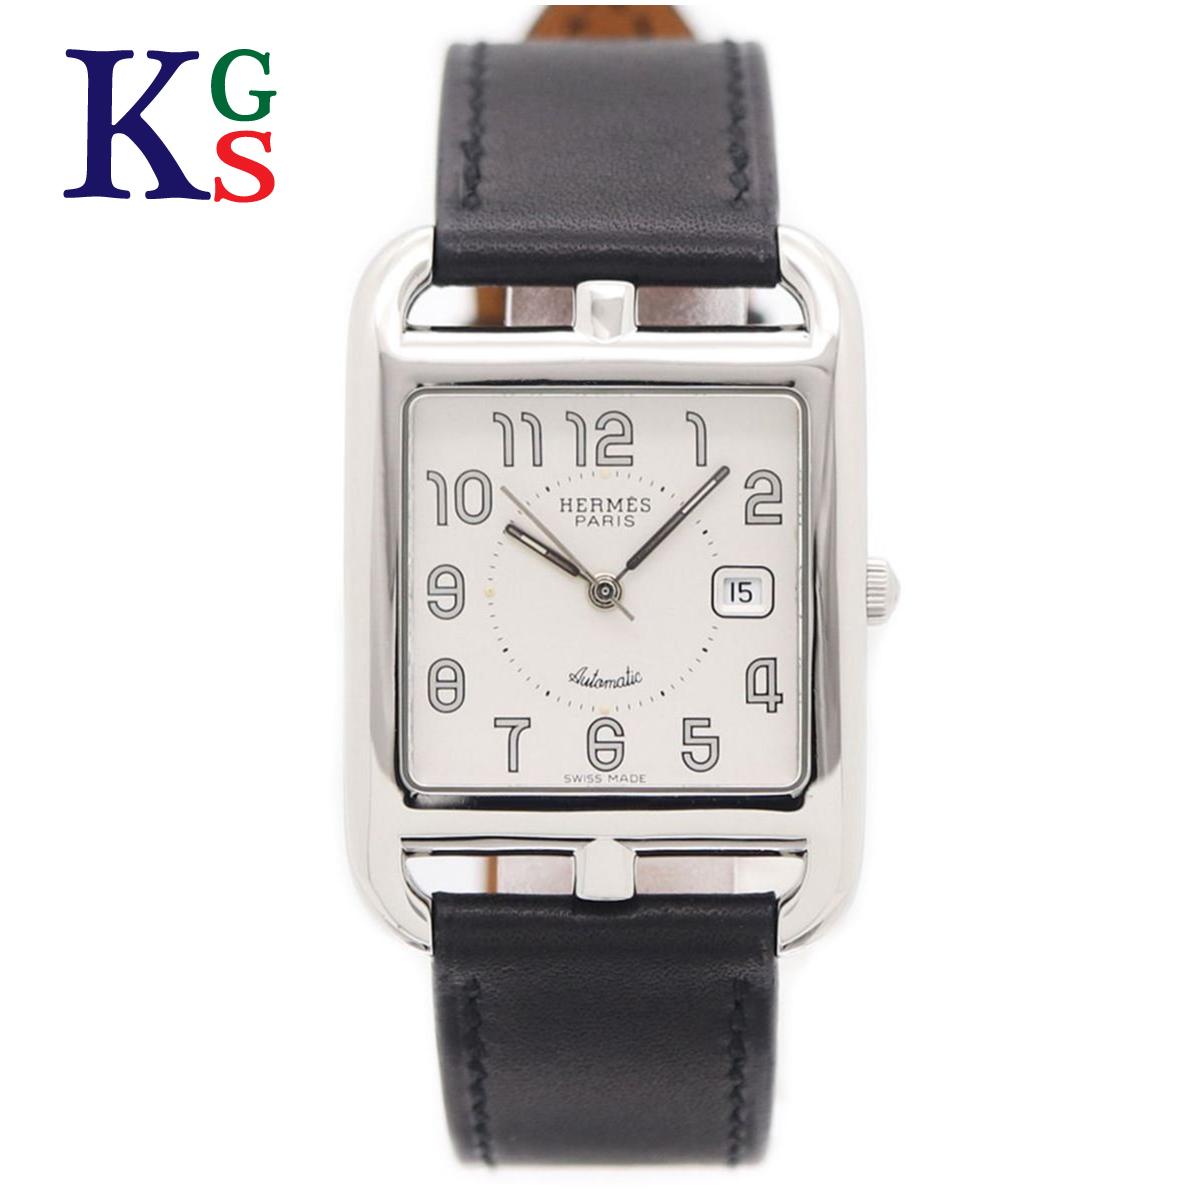 【ギフト品質】エルメス/Hermes メンズ 腕時計 ケープコッドGM ホワイト文字盤 革ベルト AT 自動巻き CC1.710